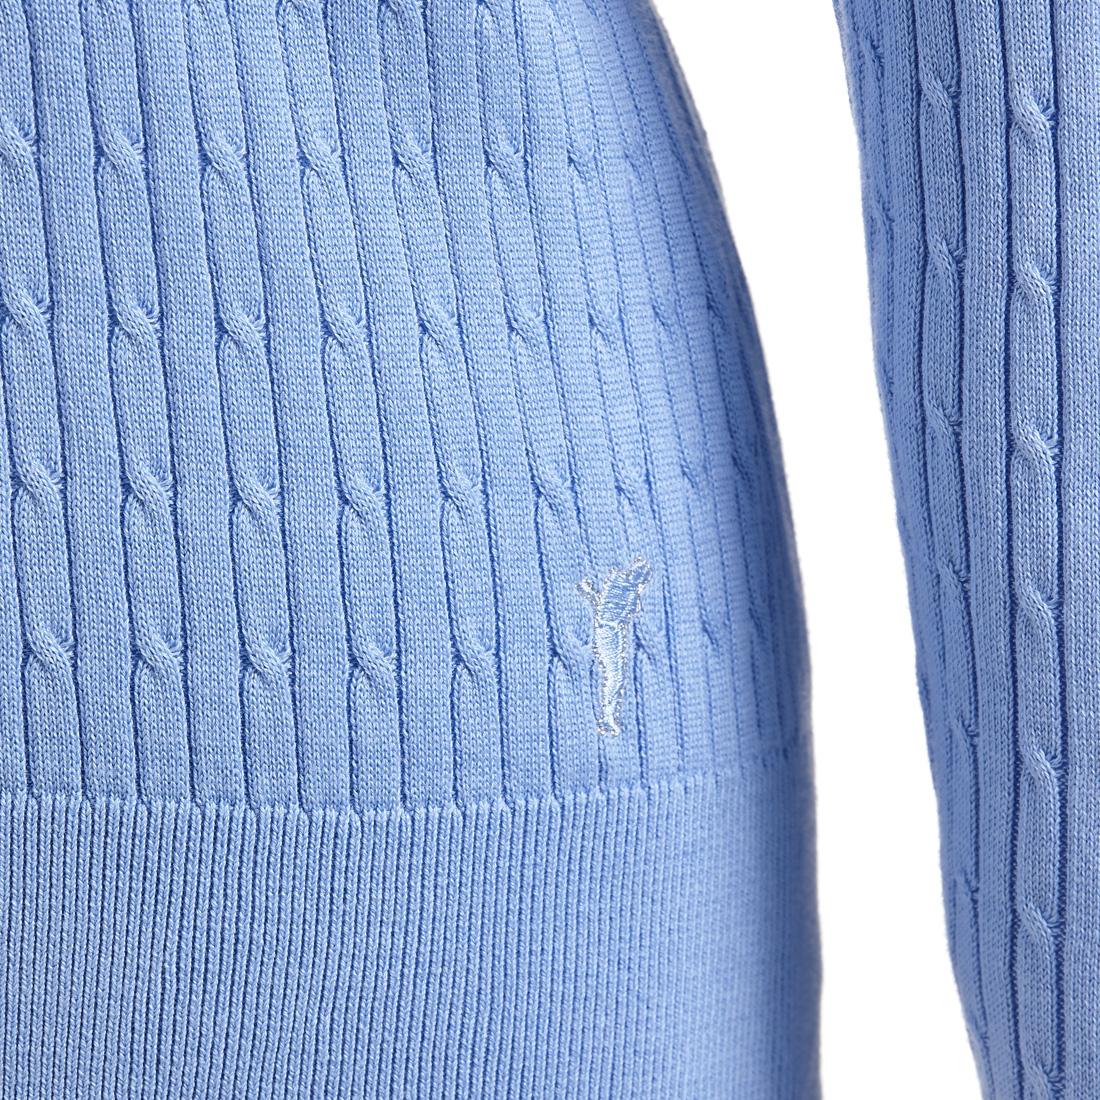 V-Ausschnitt Strickpullover mit klassischem Zopfmuster aus feiner Baumwolle